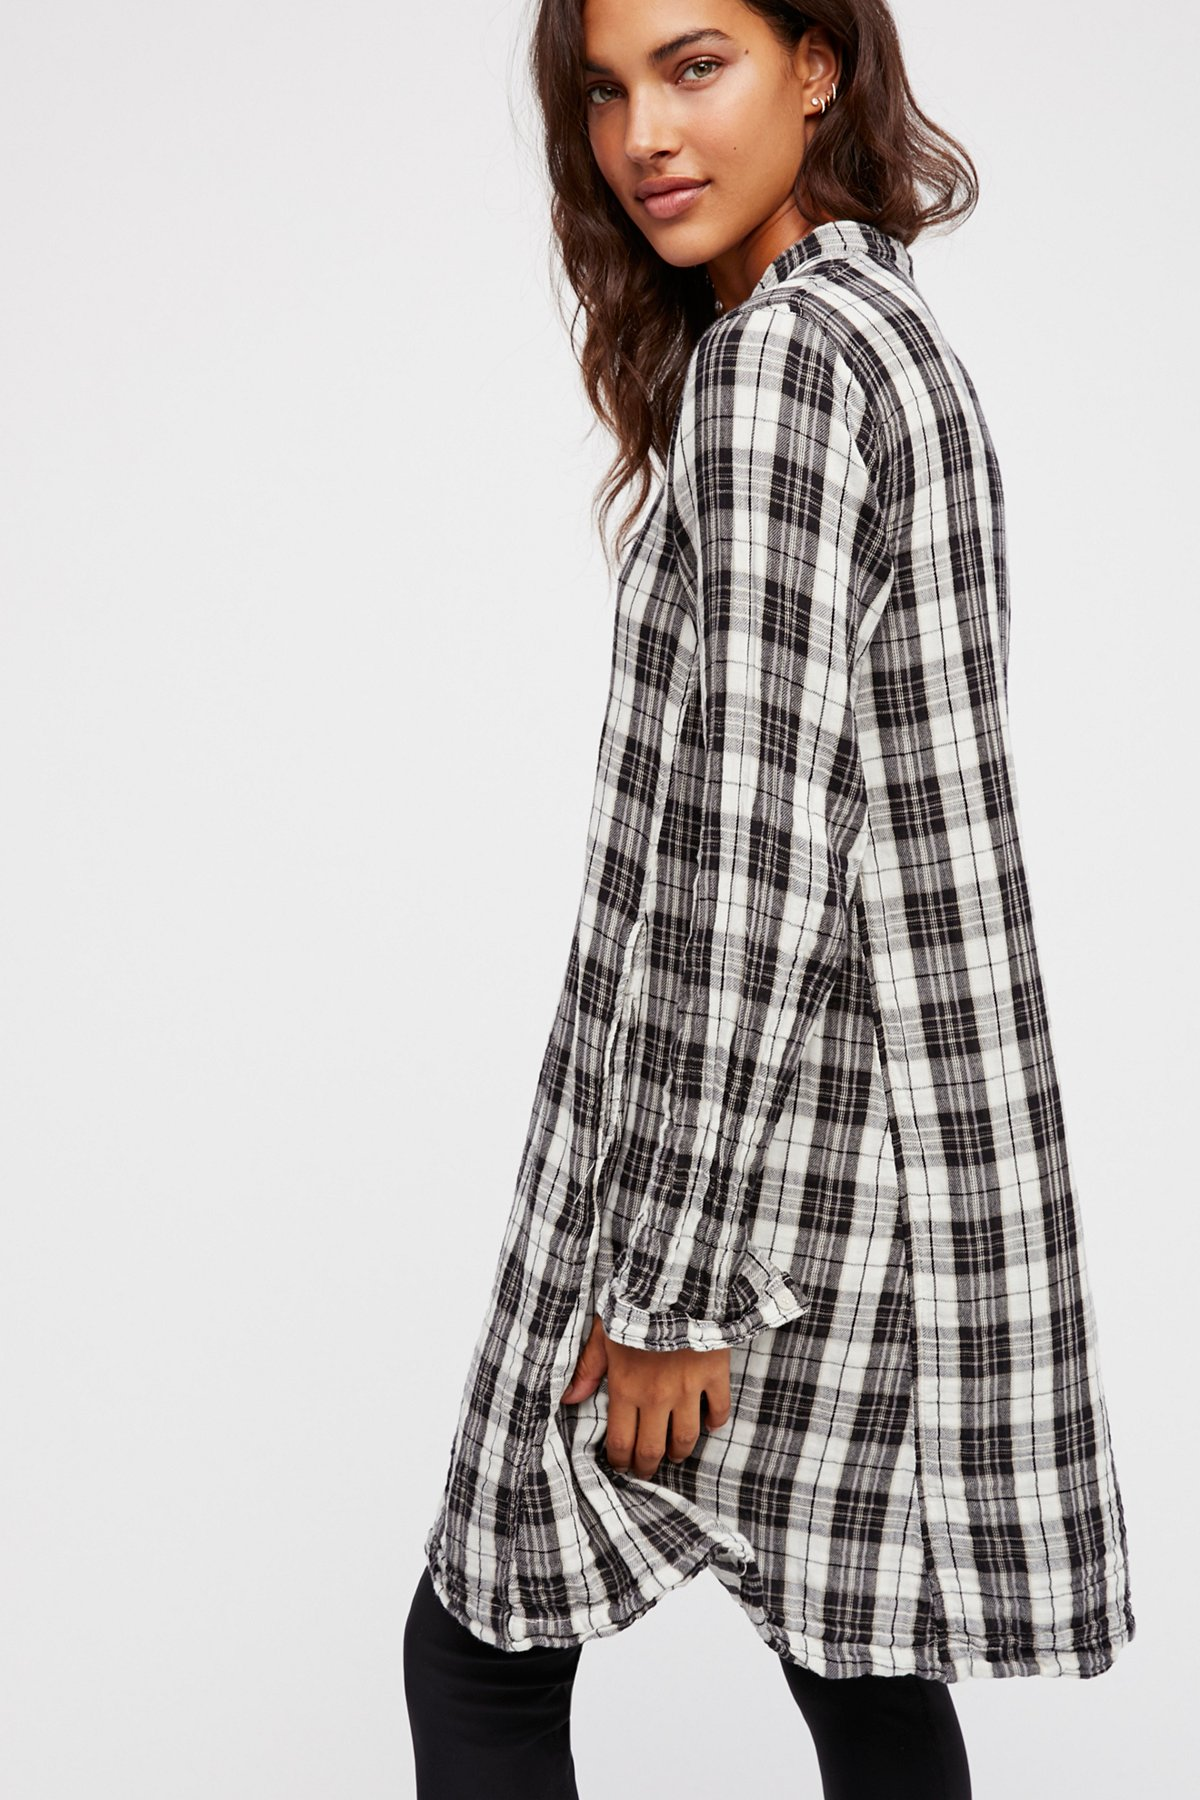 Bree格子衬衫式连衣裙